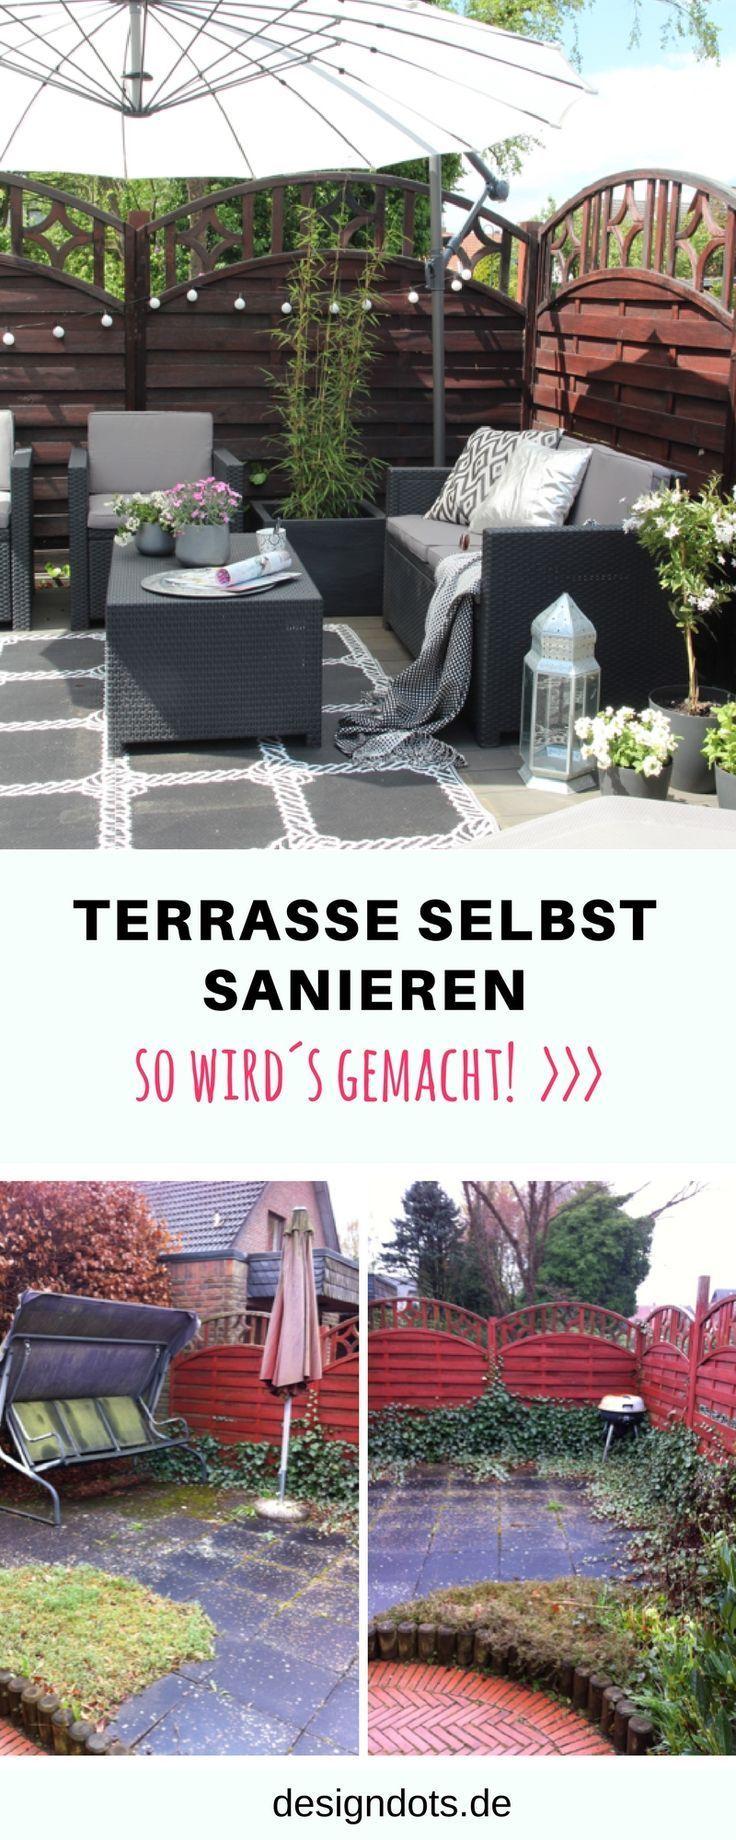 Terassen Gestalten Elegant Unsere Neue Diy Terrasse Design ...